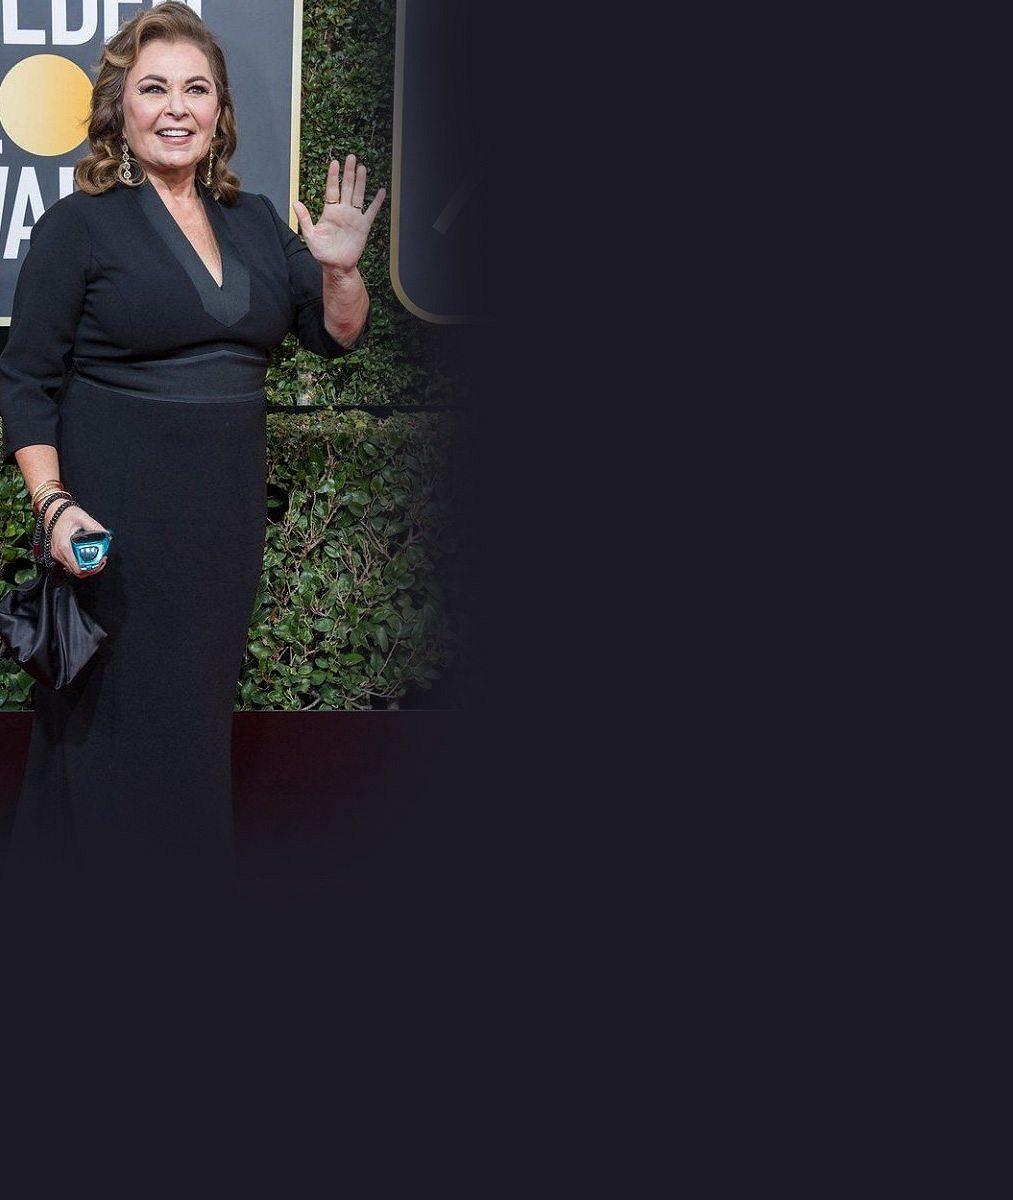 Společně zhubli snad metrák: Otylí manželé ze seriálu Roseanne jsou poloviční